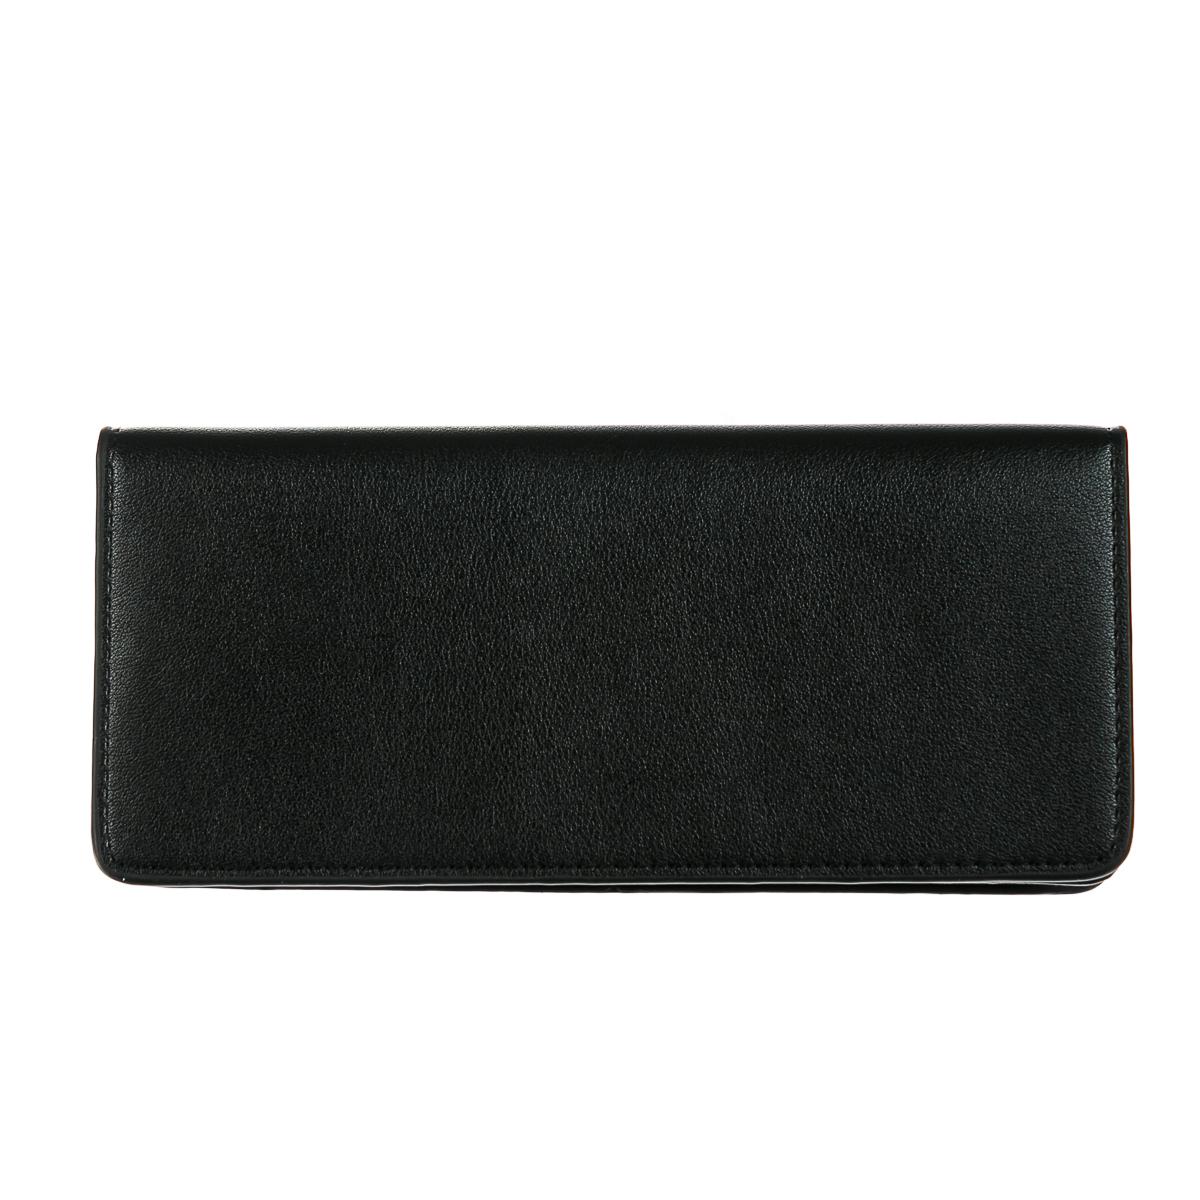 Мужской кошелек, длинный, черный